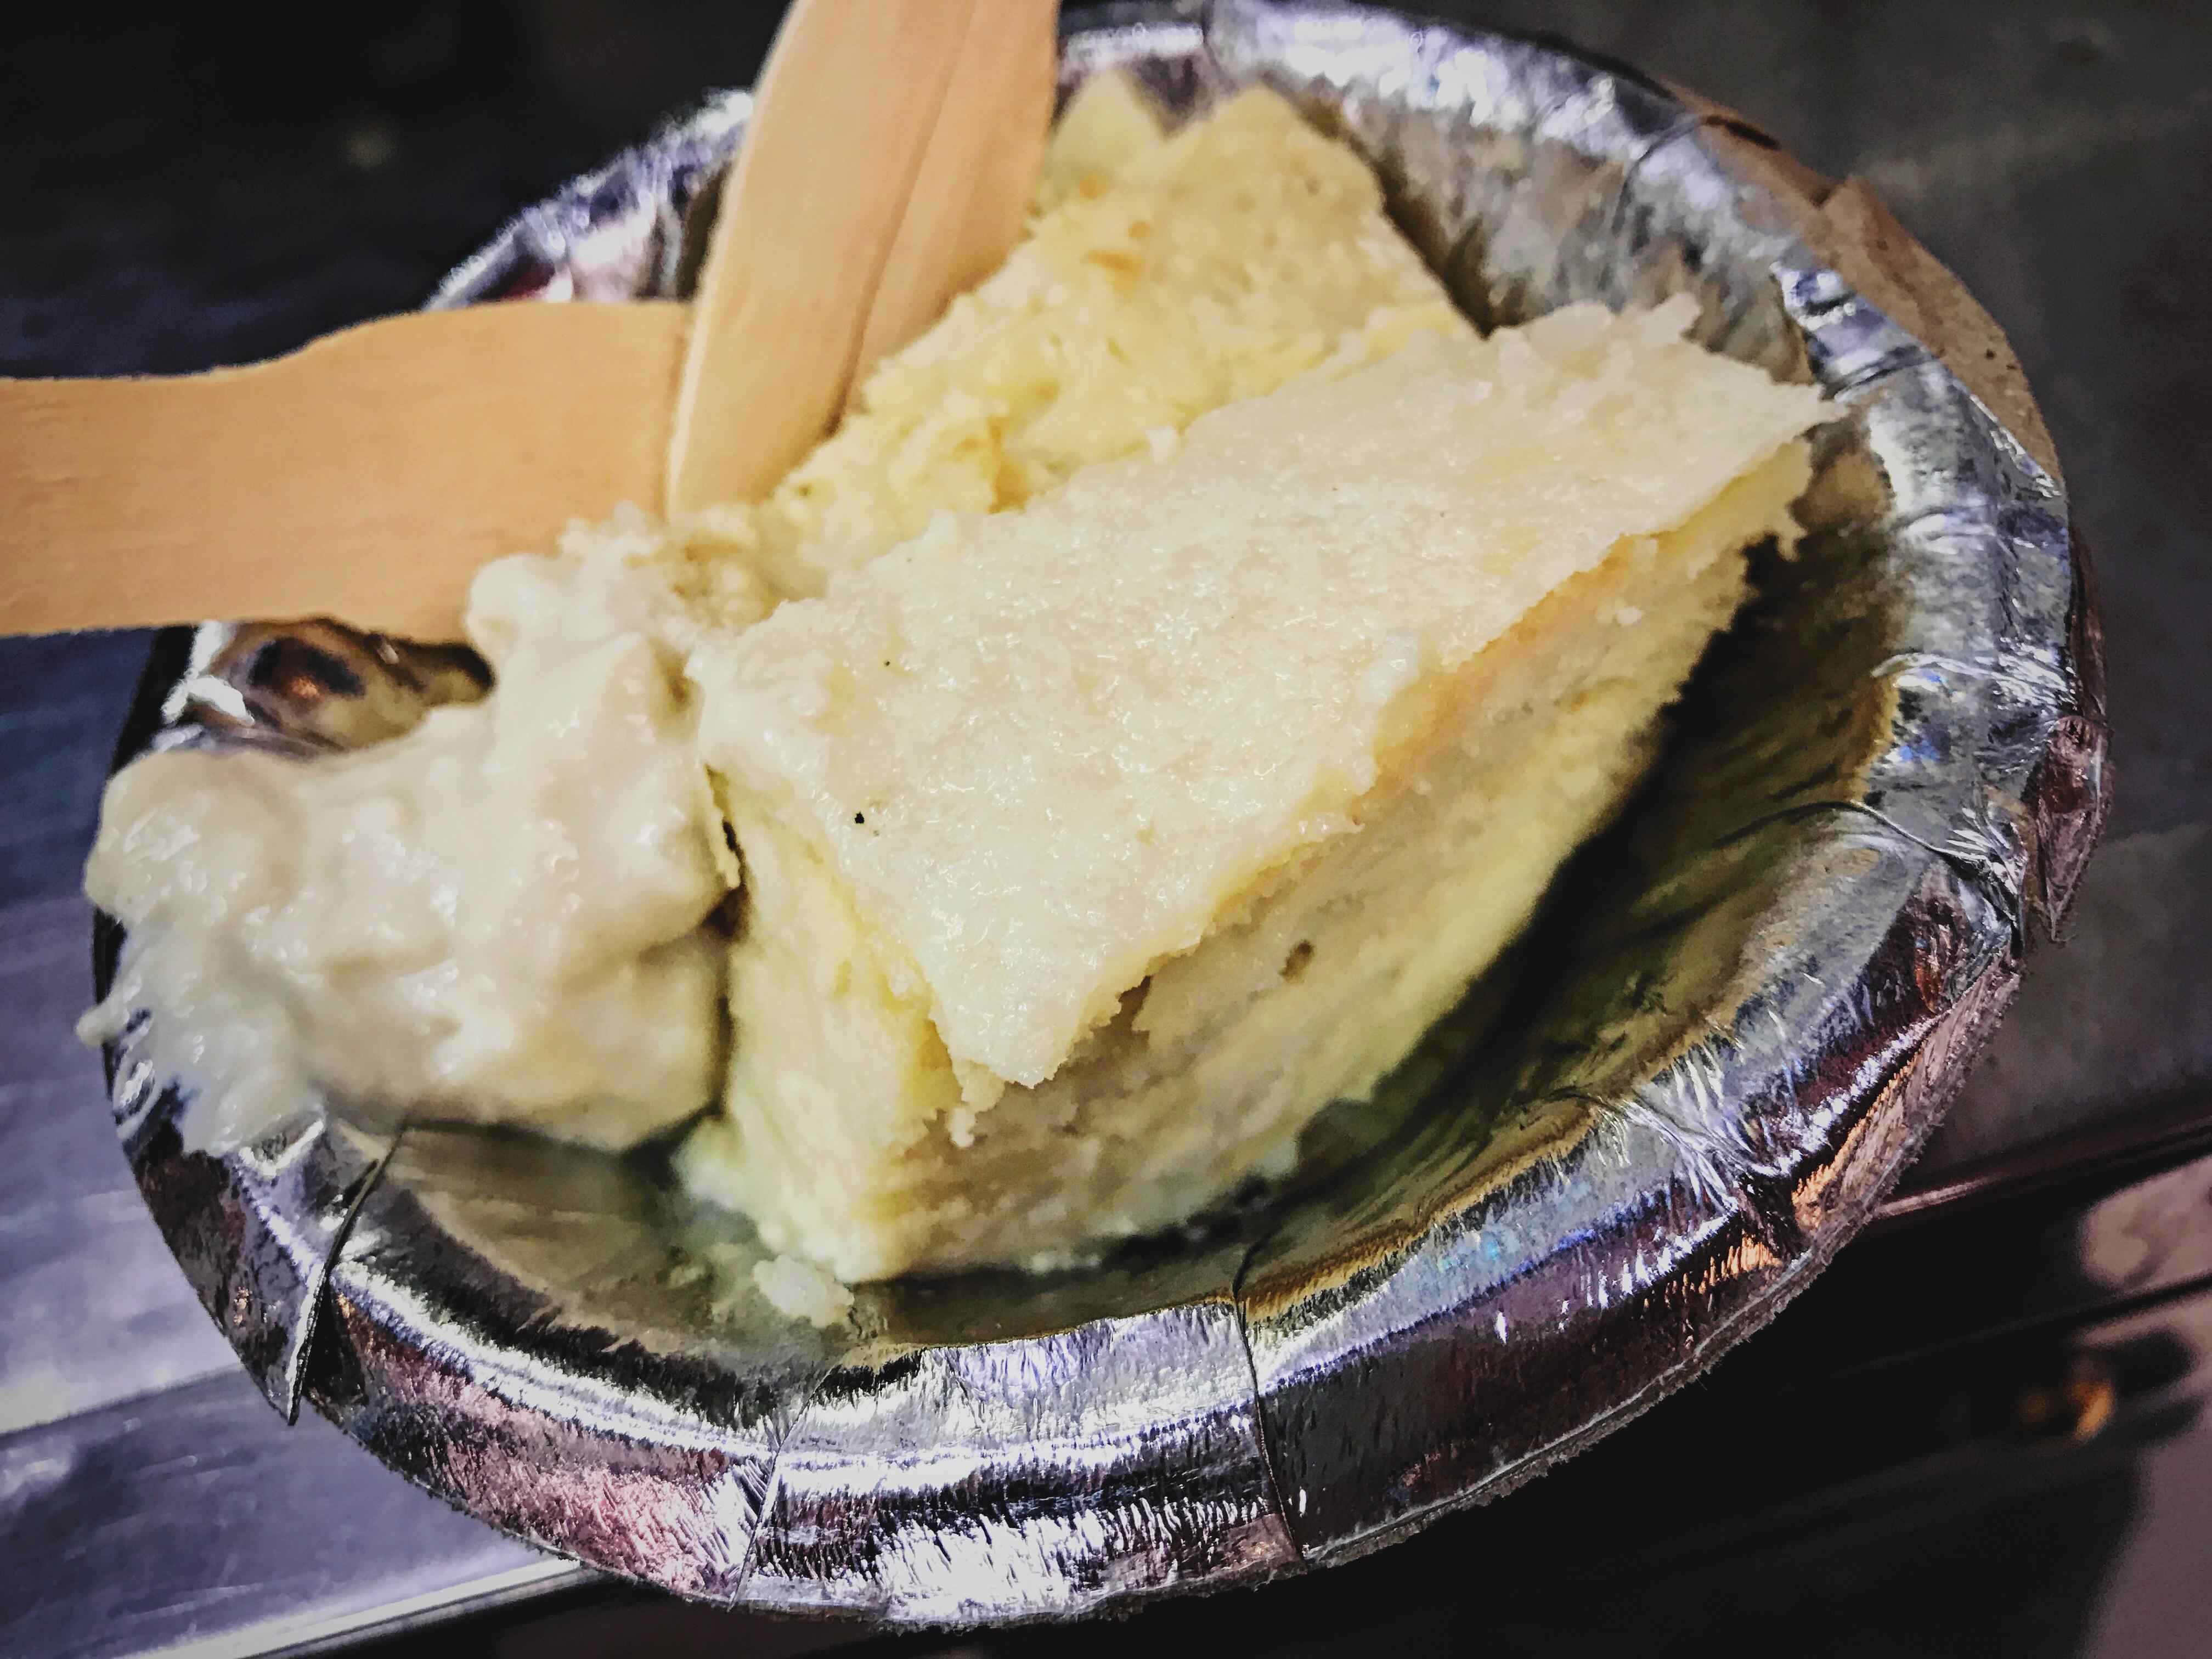 Món bánh sữa mà mình ăn không ăn được qua miếng thứ hai huhu